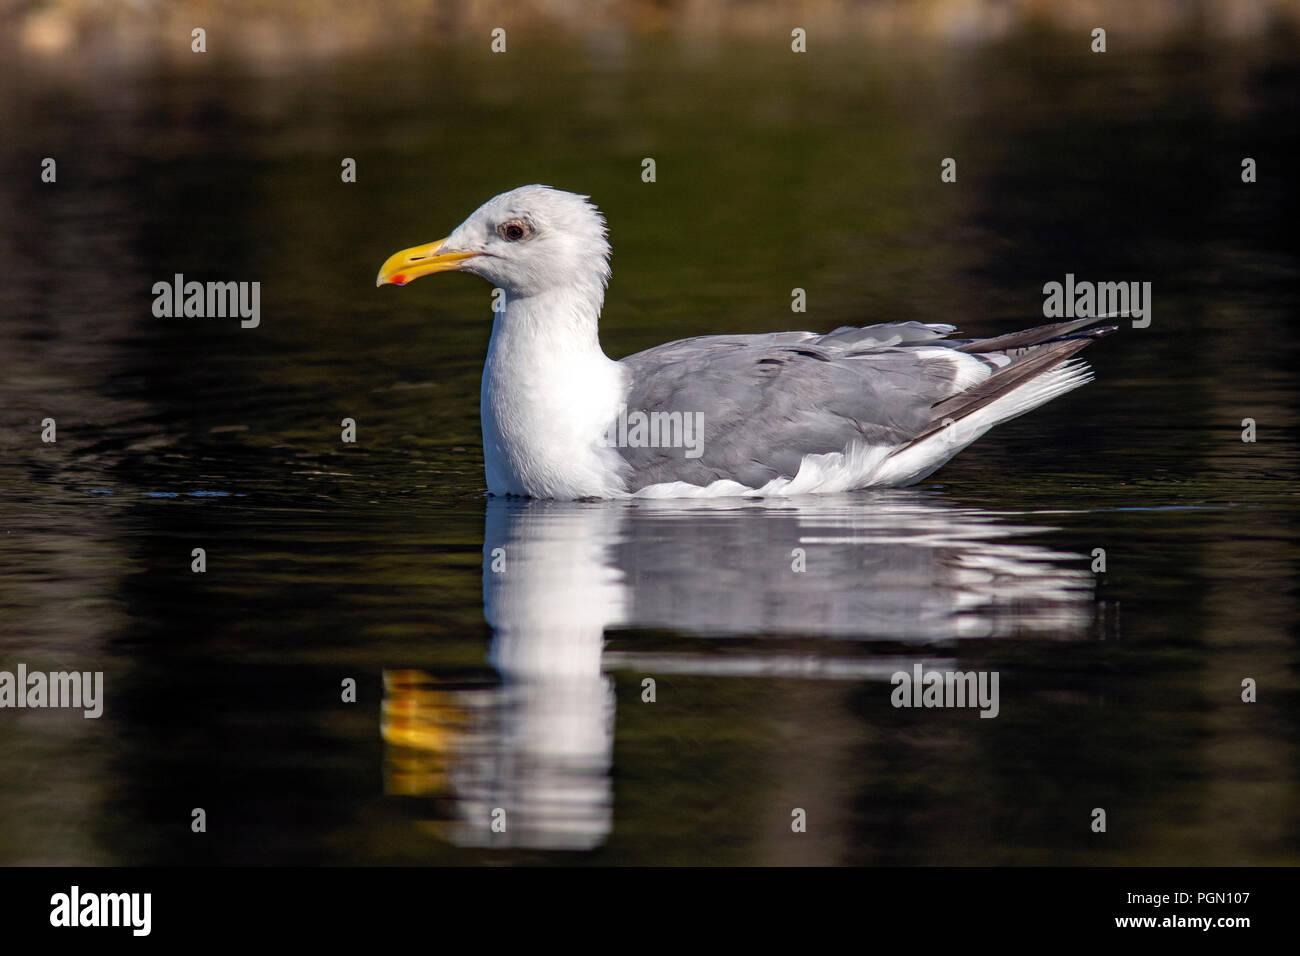 Glaucous-winged gull (Larus glaucescens) - Esquimalt Lagoon, Victoria, Vancouver Island, British Columbia, Canada - Stock Image